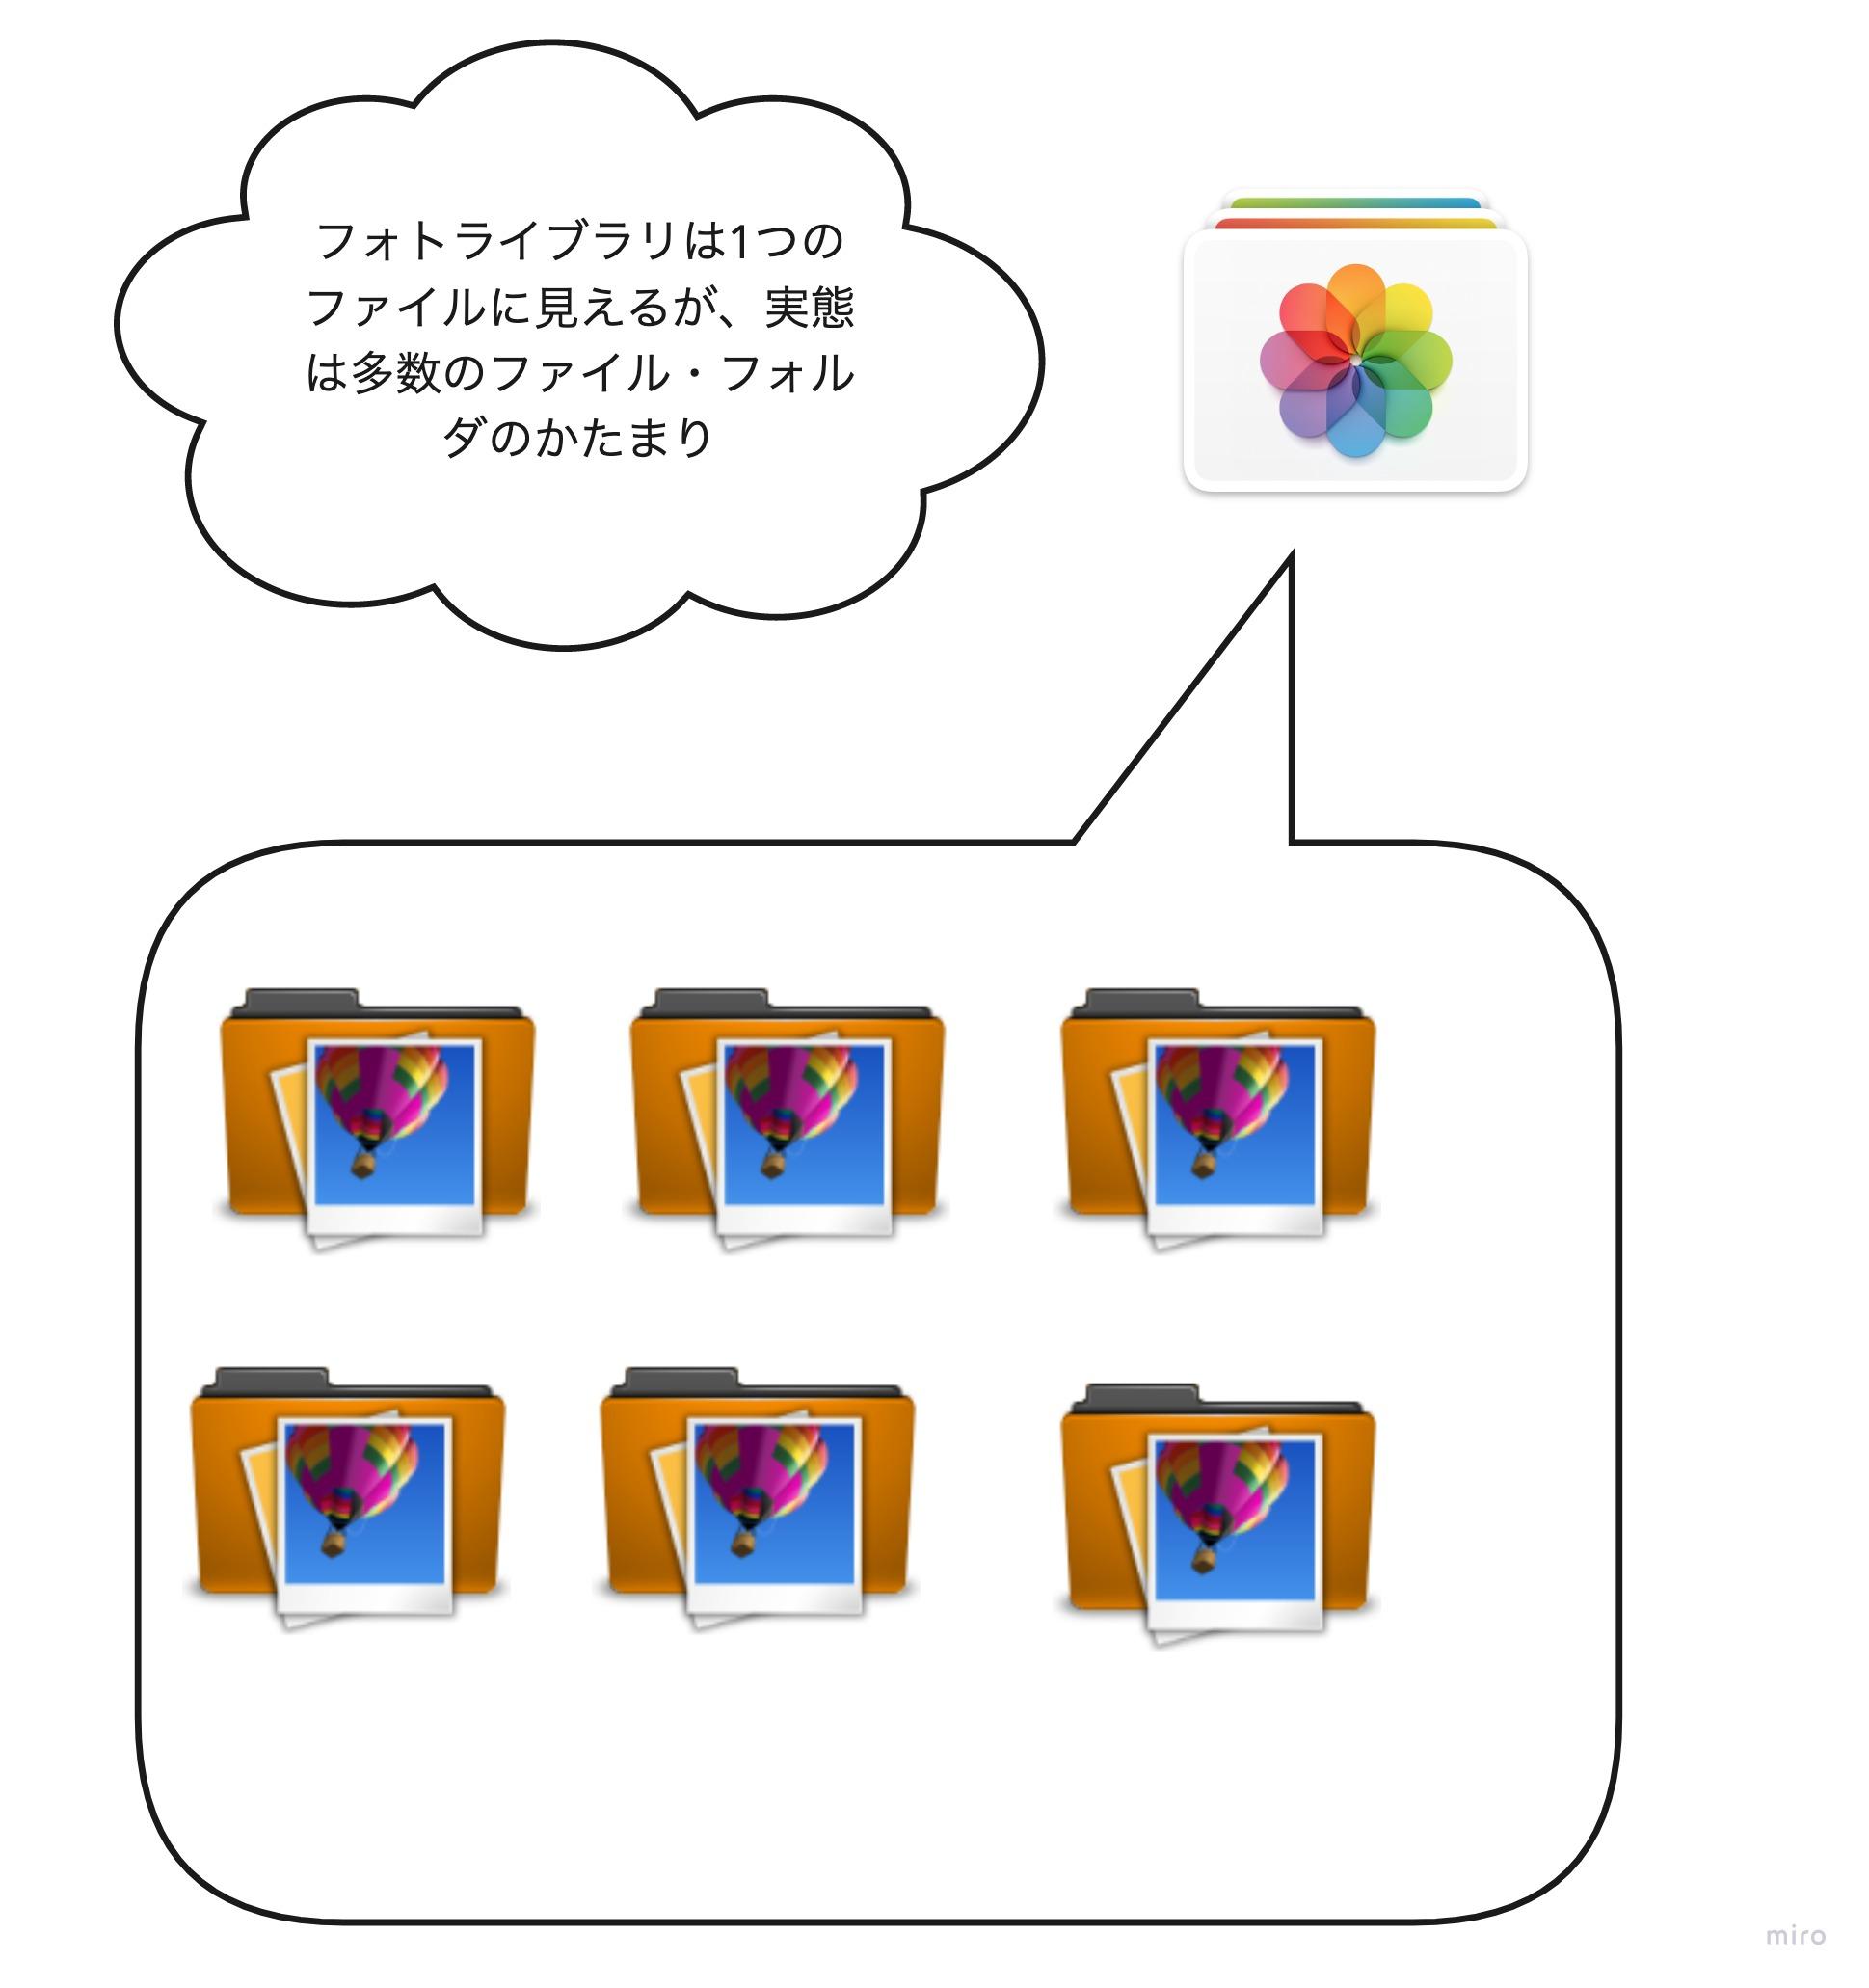 Macのアプリ「写真」のフォトライブラリのイメージ